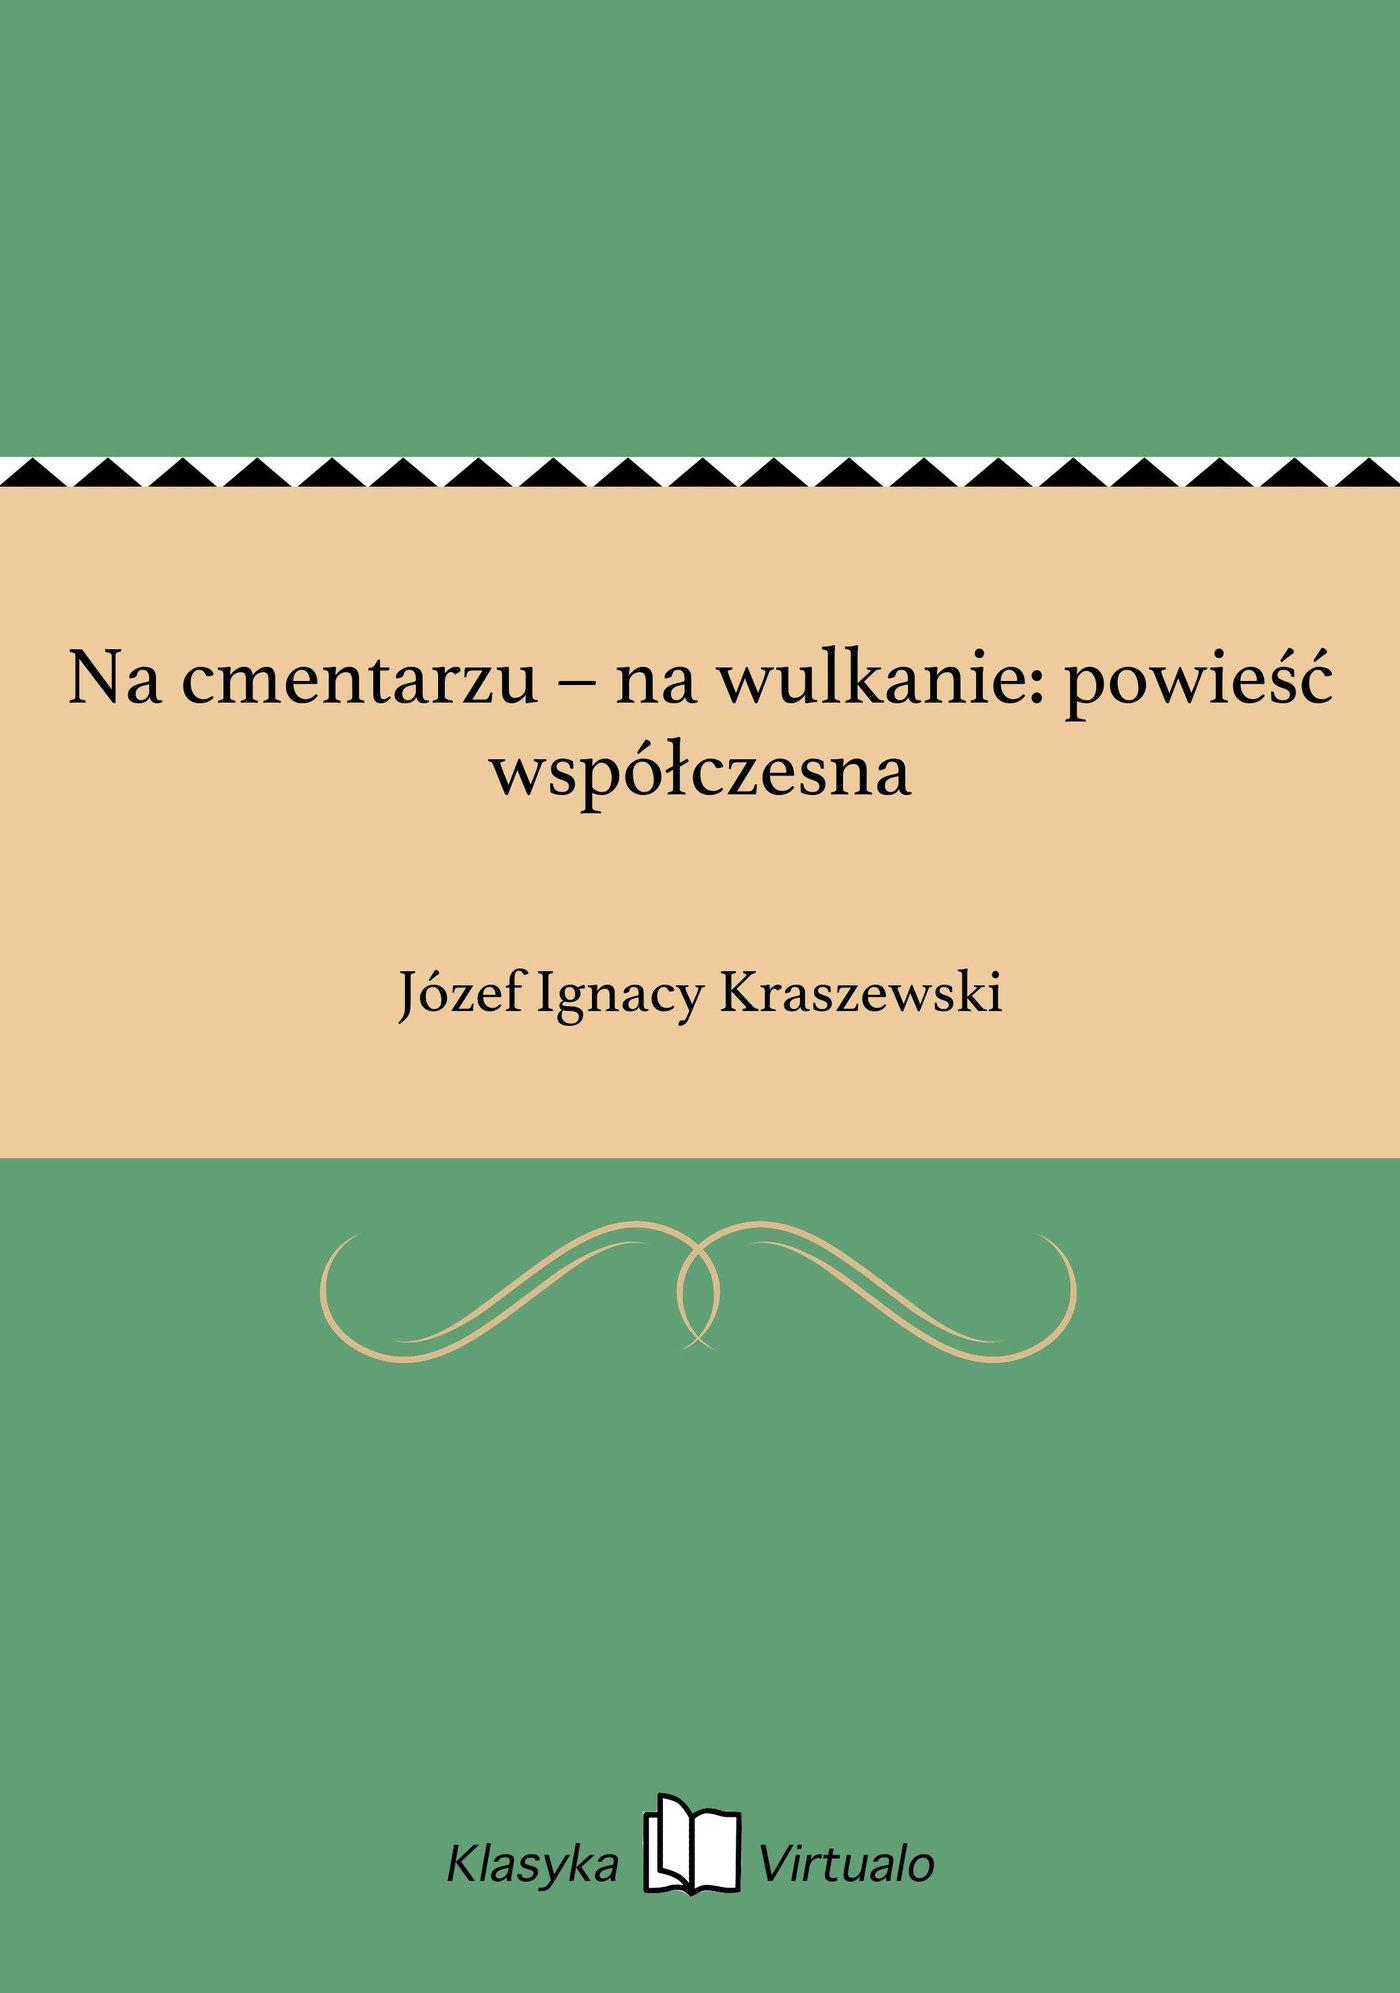 Na cmentarzu – na wulkanie: powieść współczesna - Ebook (Książka EPUB) do pobrania w formacie EPUB